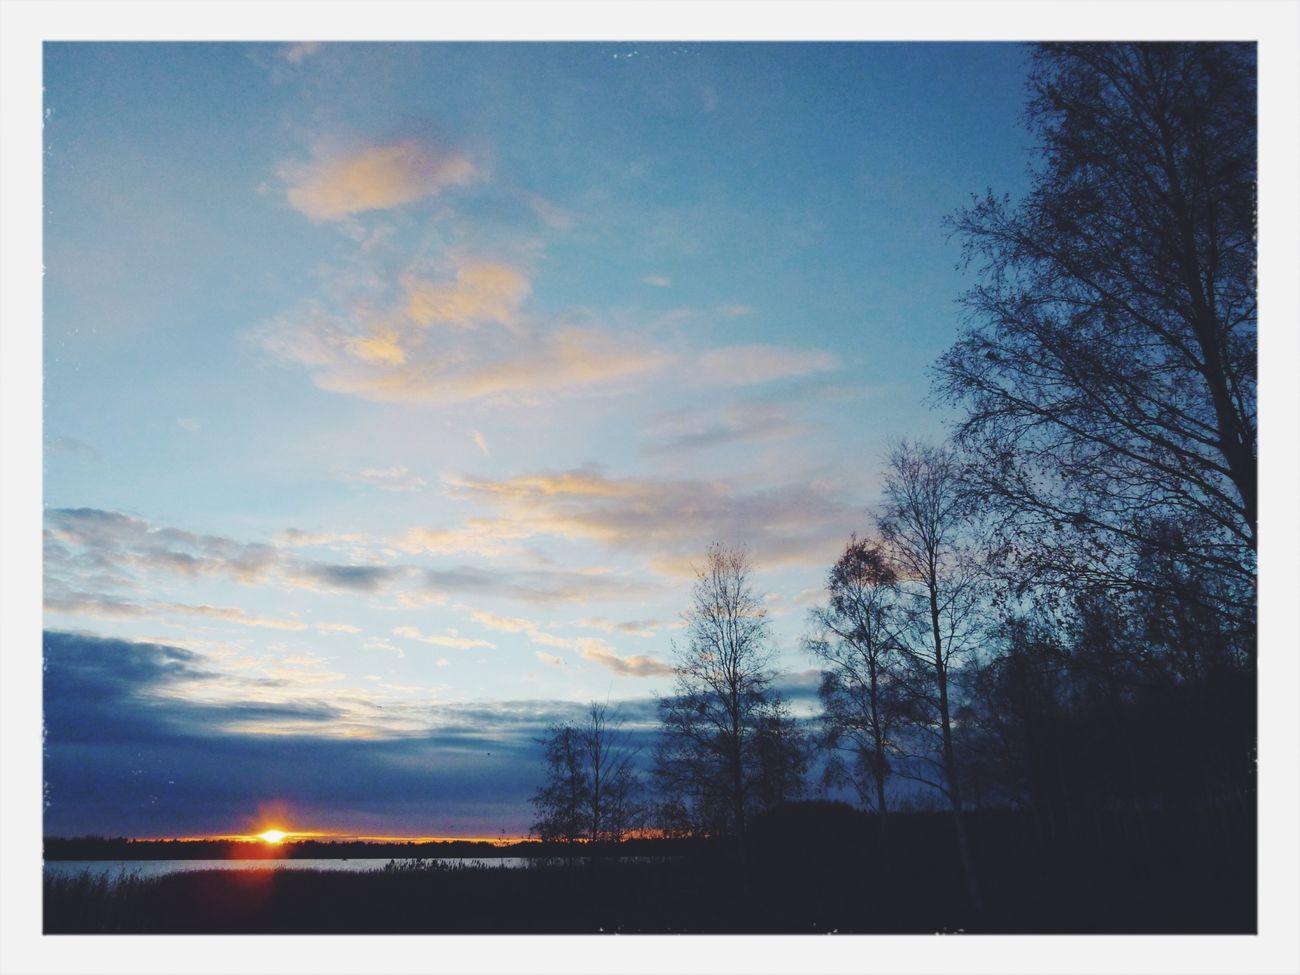 Kuivasjärvi Sunset Nature Walking Around